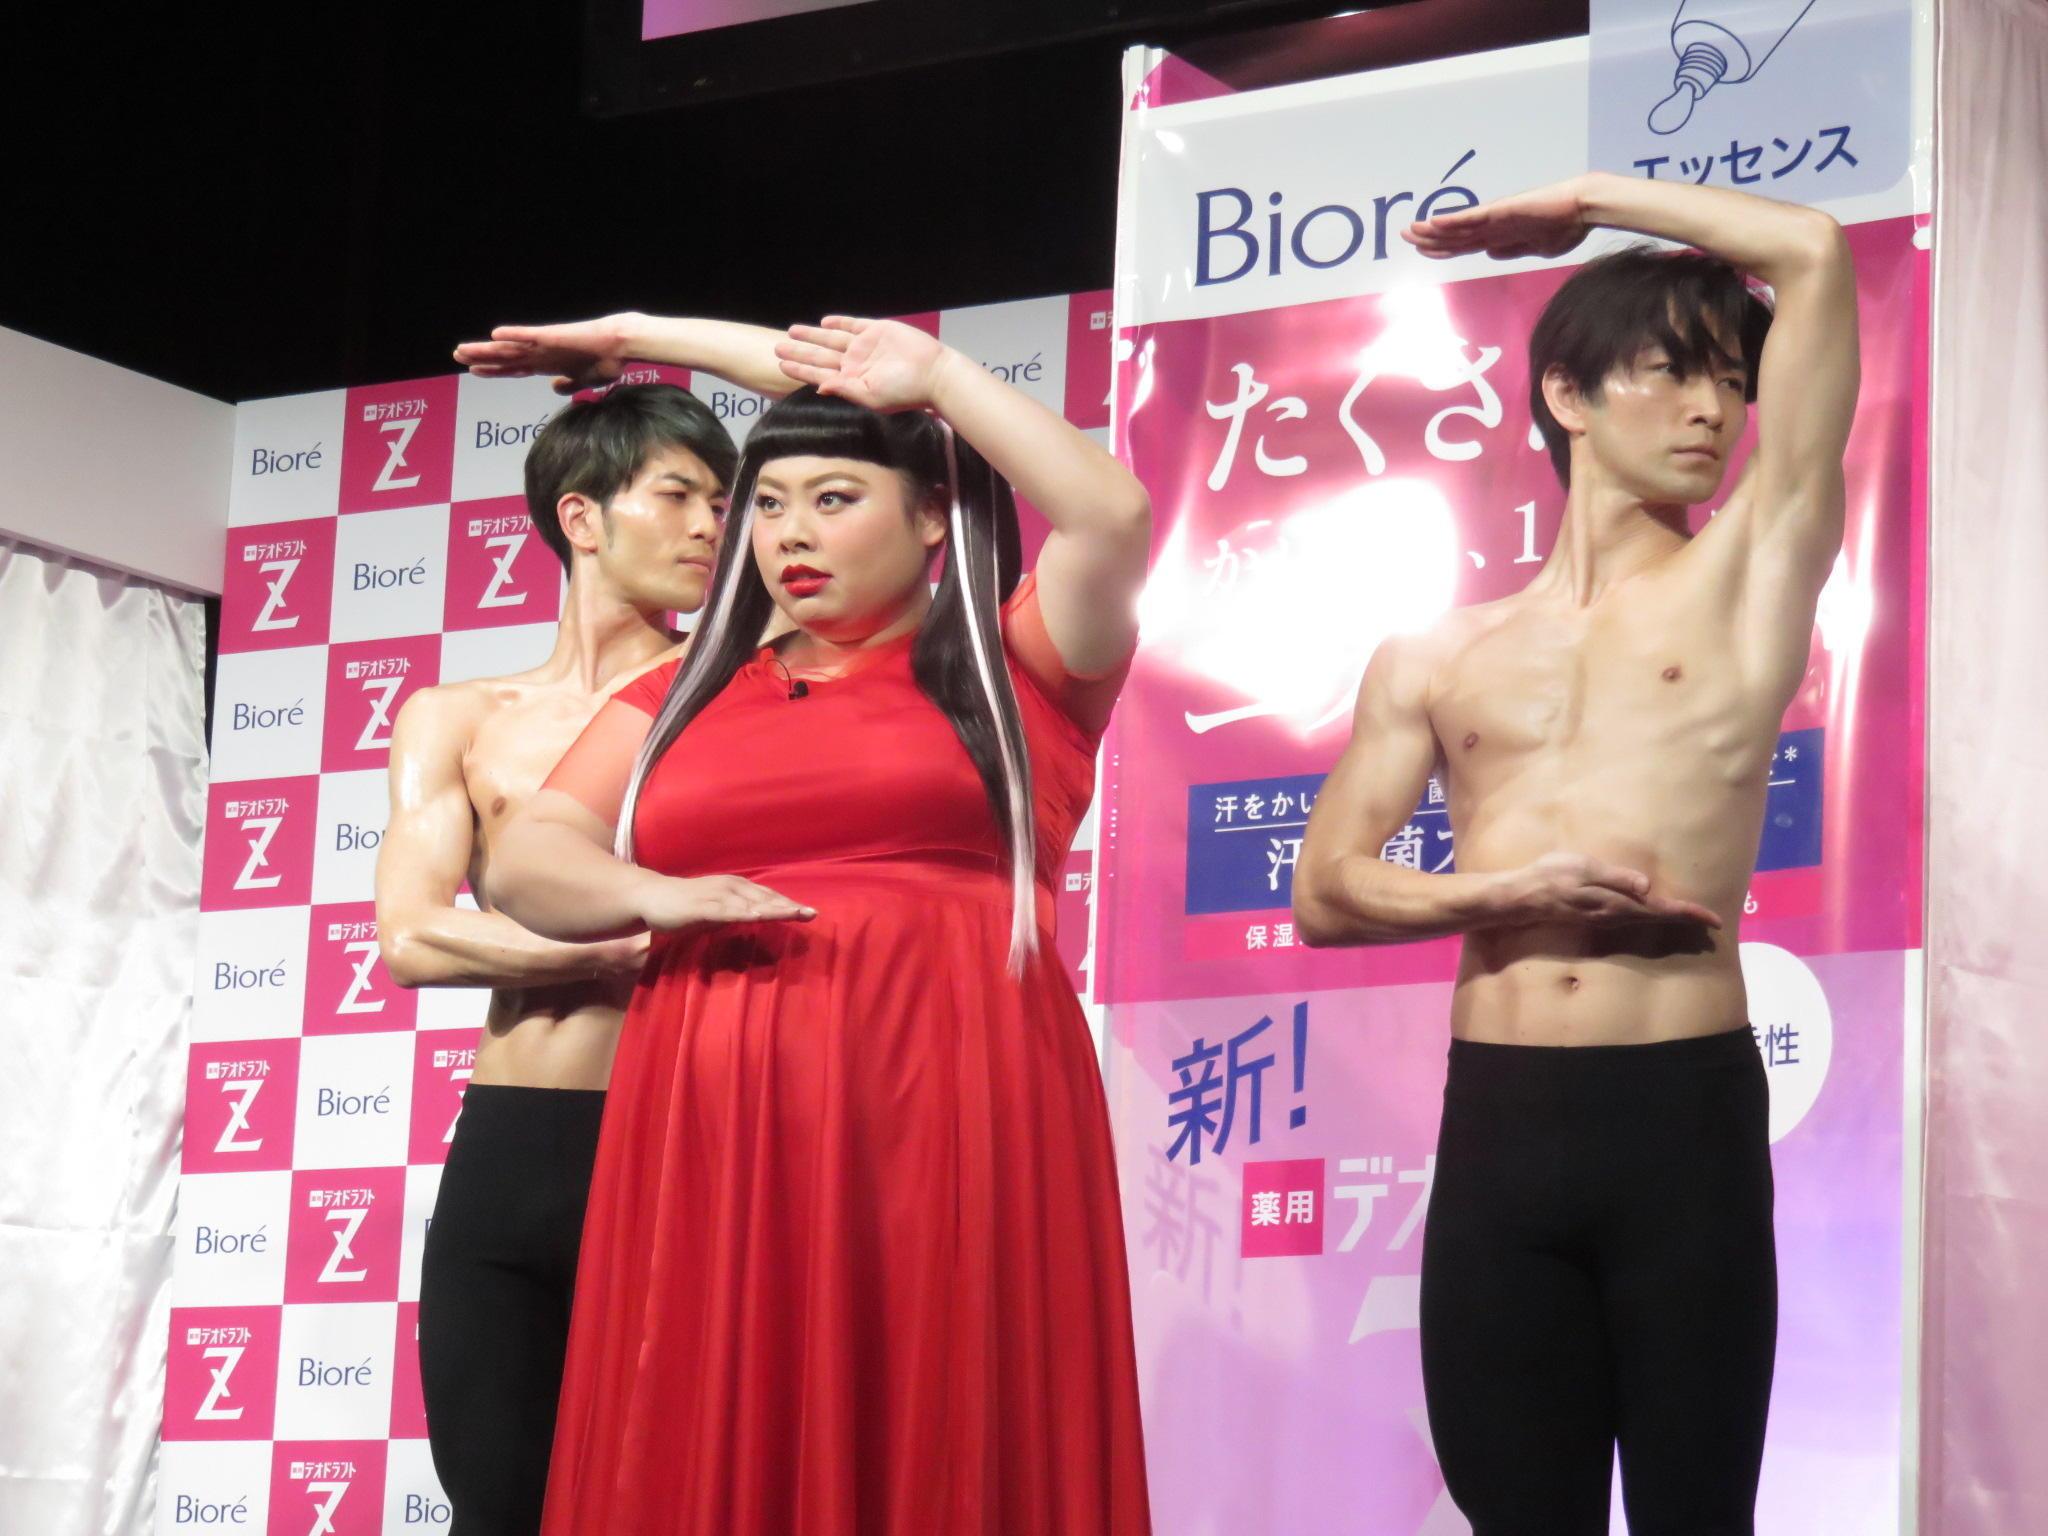 http://news.yoshimoto.co.jp/20170216183143-03b637c7946d6cc1200dde9a78ac560ea31531f1.jpg